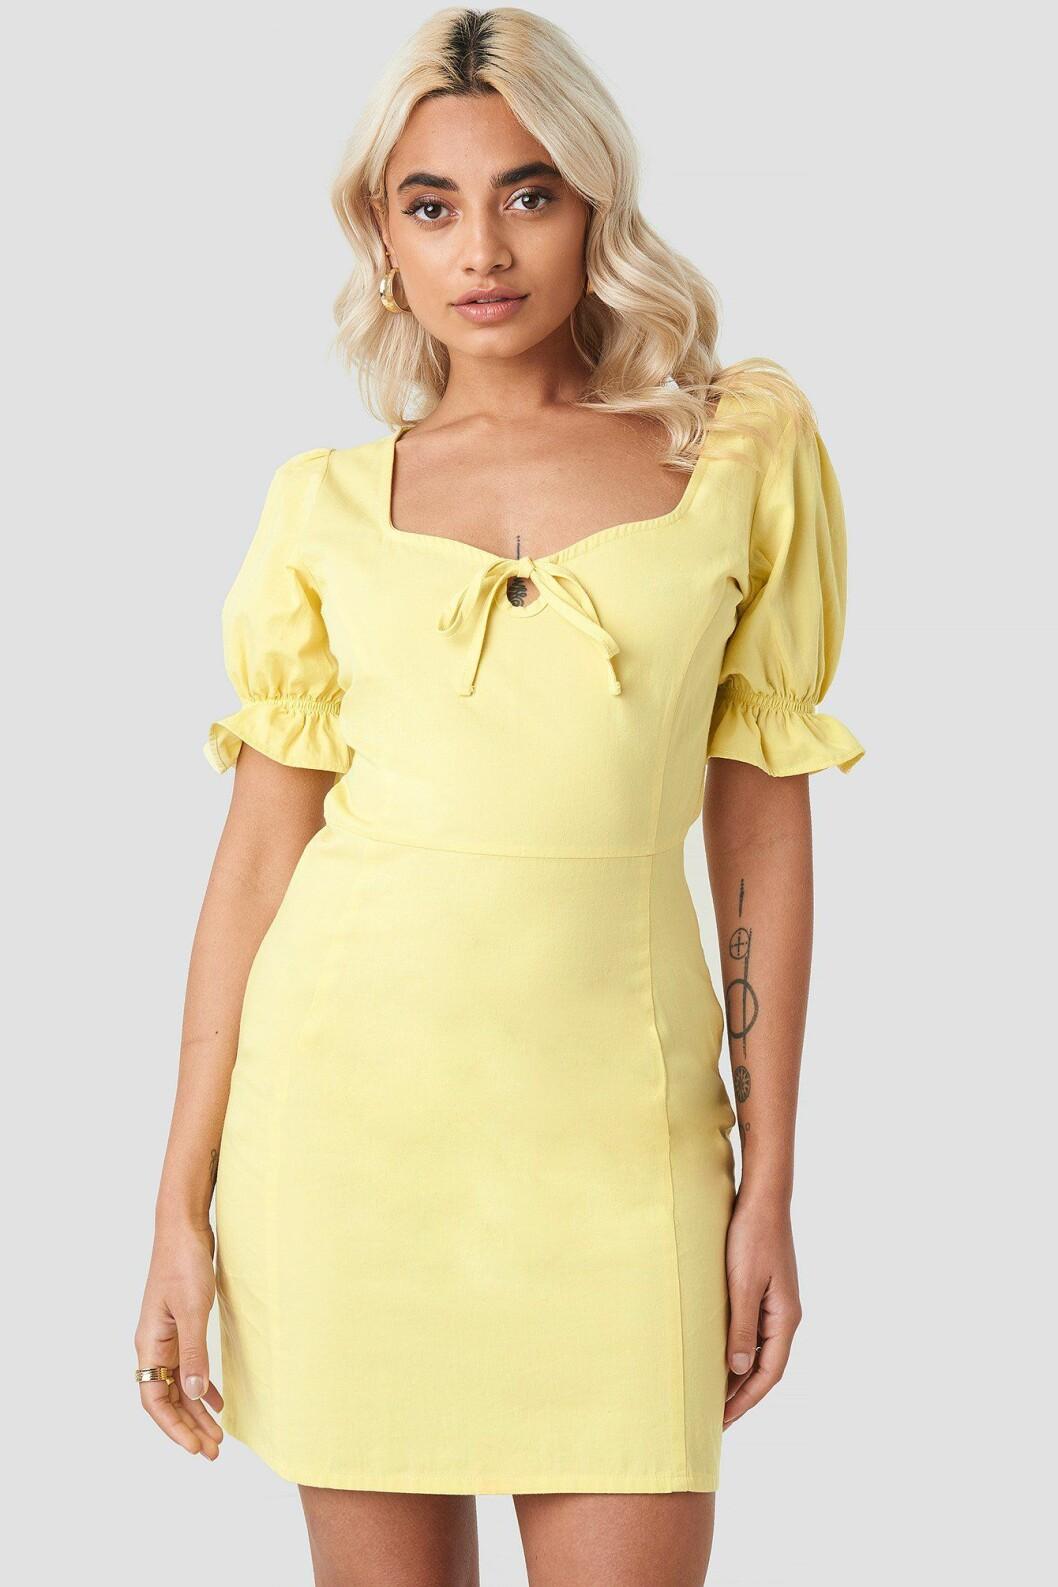 Gul klänning med puffärm till skolavslutningen 2019